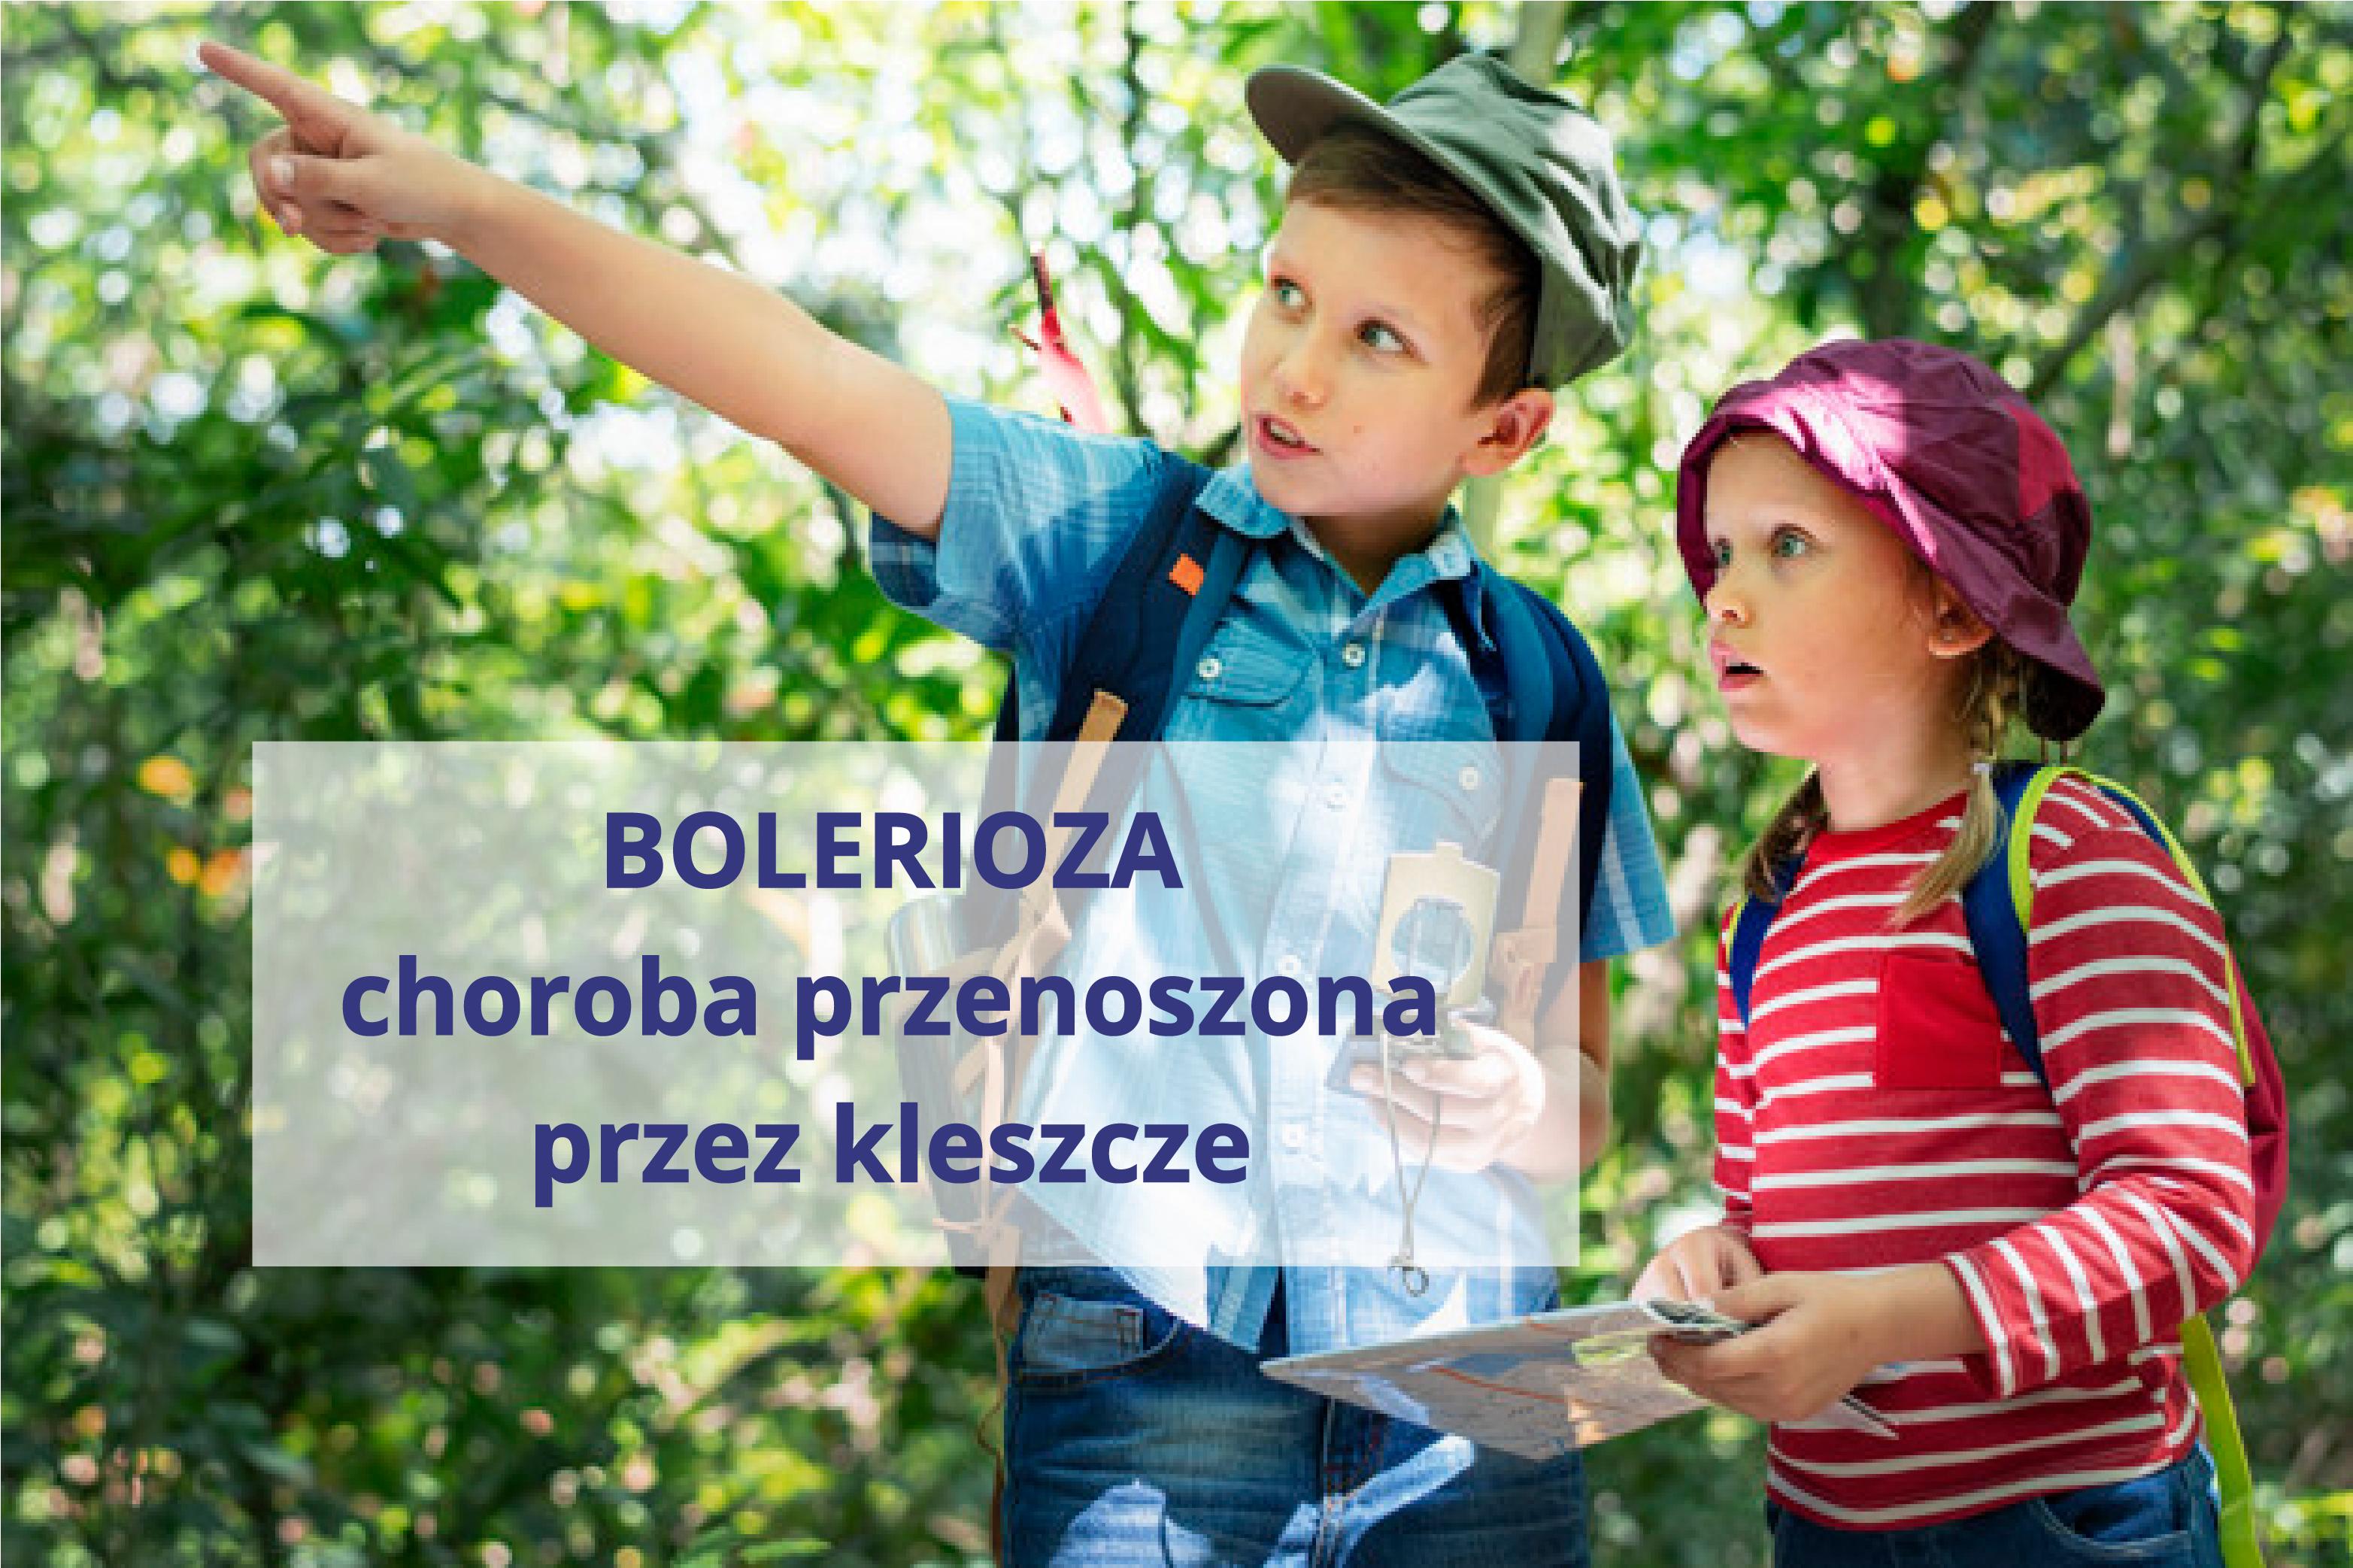 Bolerioza – choroba przenoszona przez kleszcze